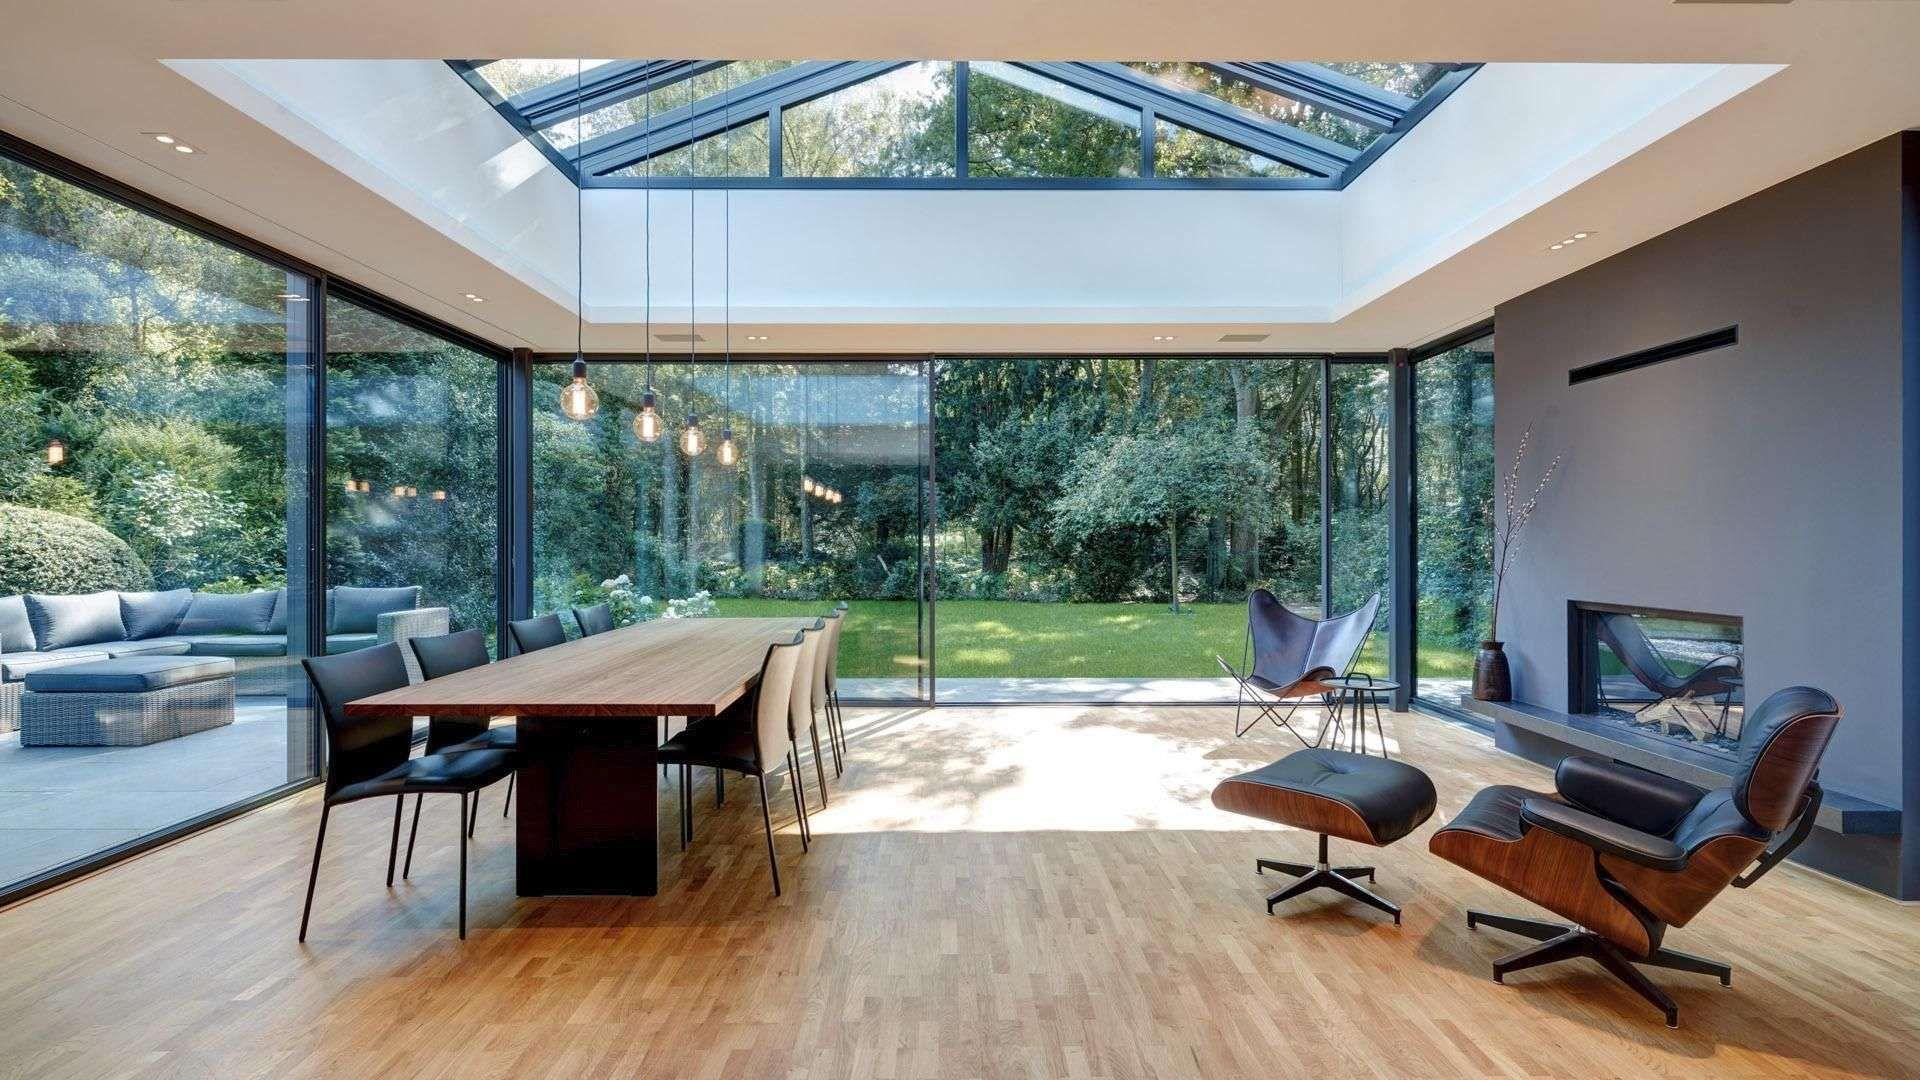 Wohnesszimmer mit cero Schiebefenstern auf zwei Seiten mit Blick in den Garten